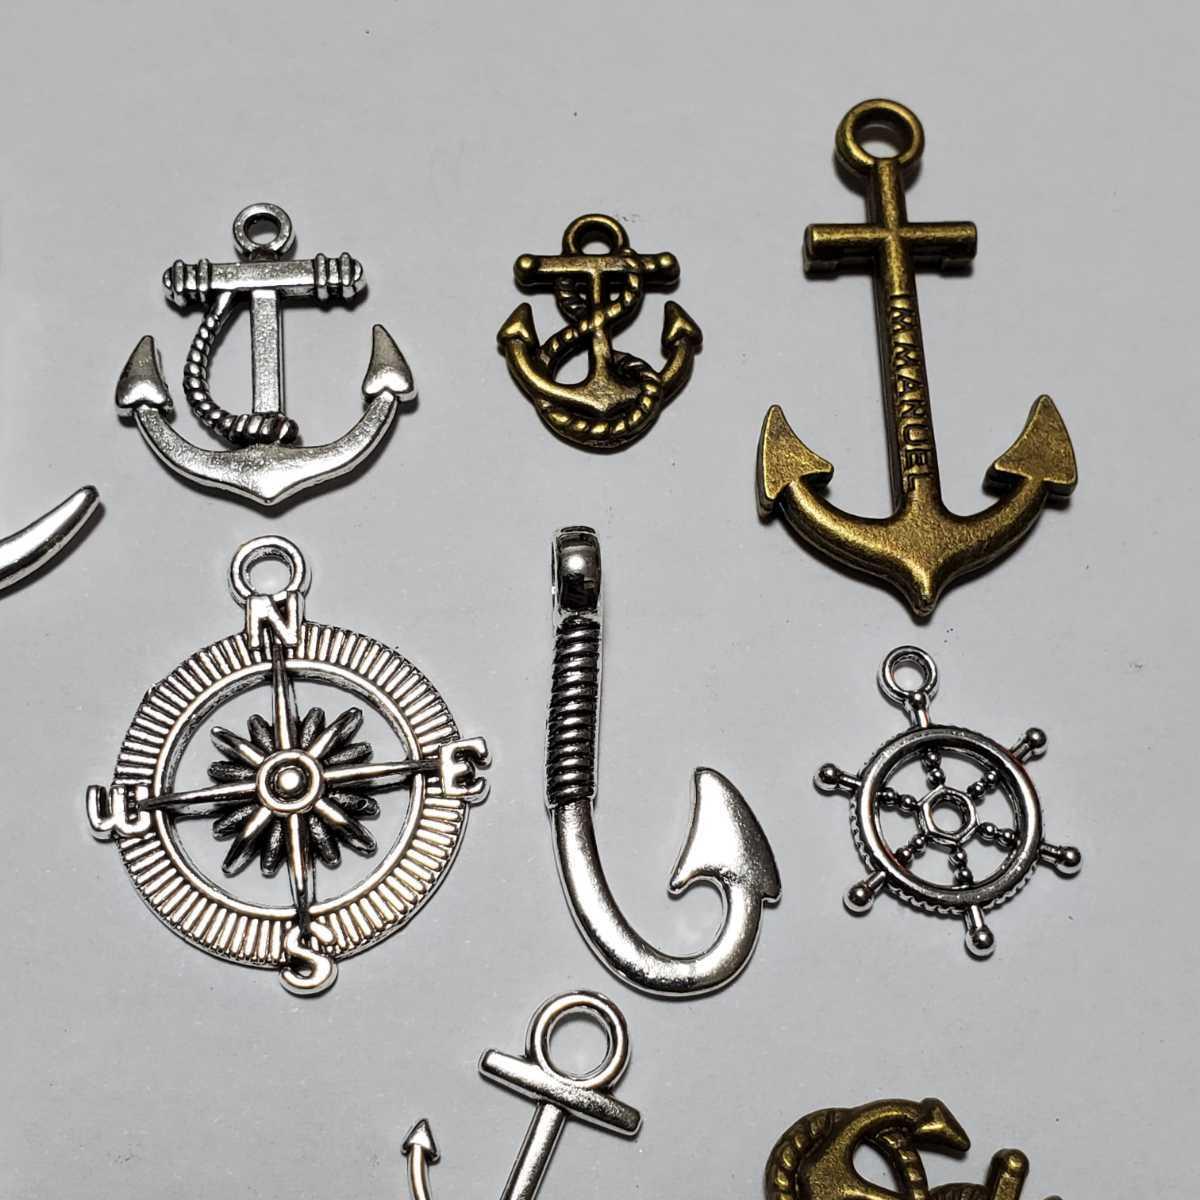 【ハンドメイド素材】海の道具 素材セット#ハンドメイド#金属#メタル#ダリン#舵#イカリ#錨#釣り針#釣り#金#銅#銀#海#サマー#夏